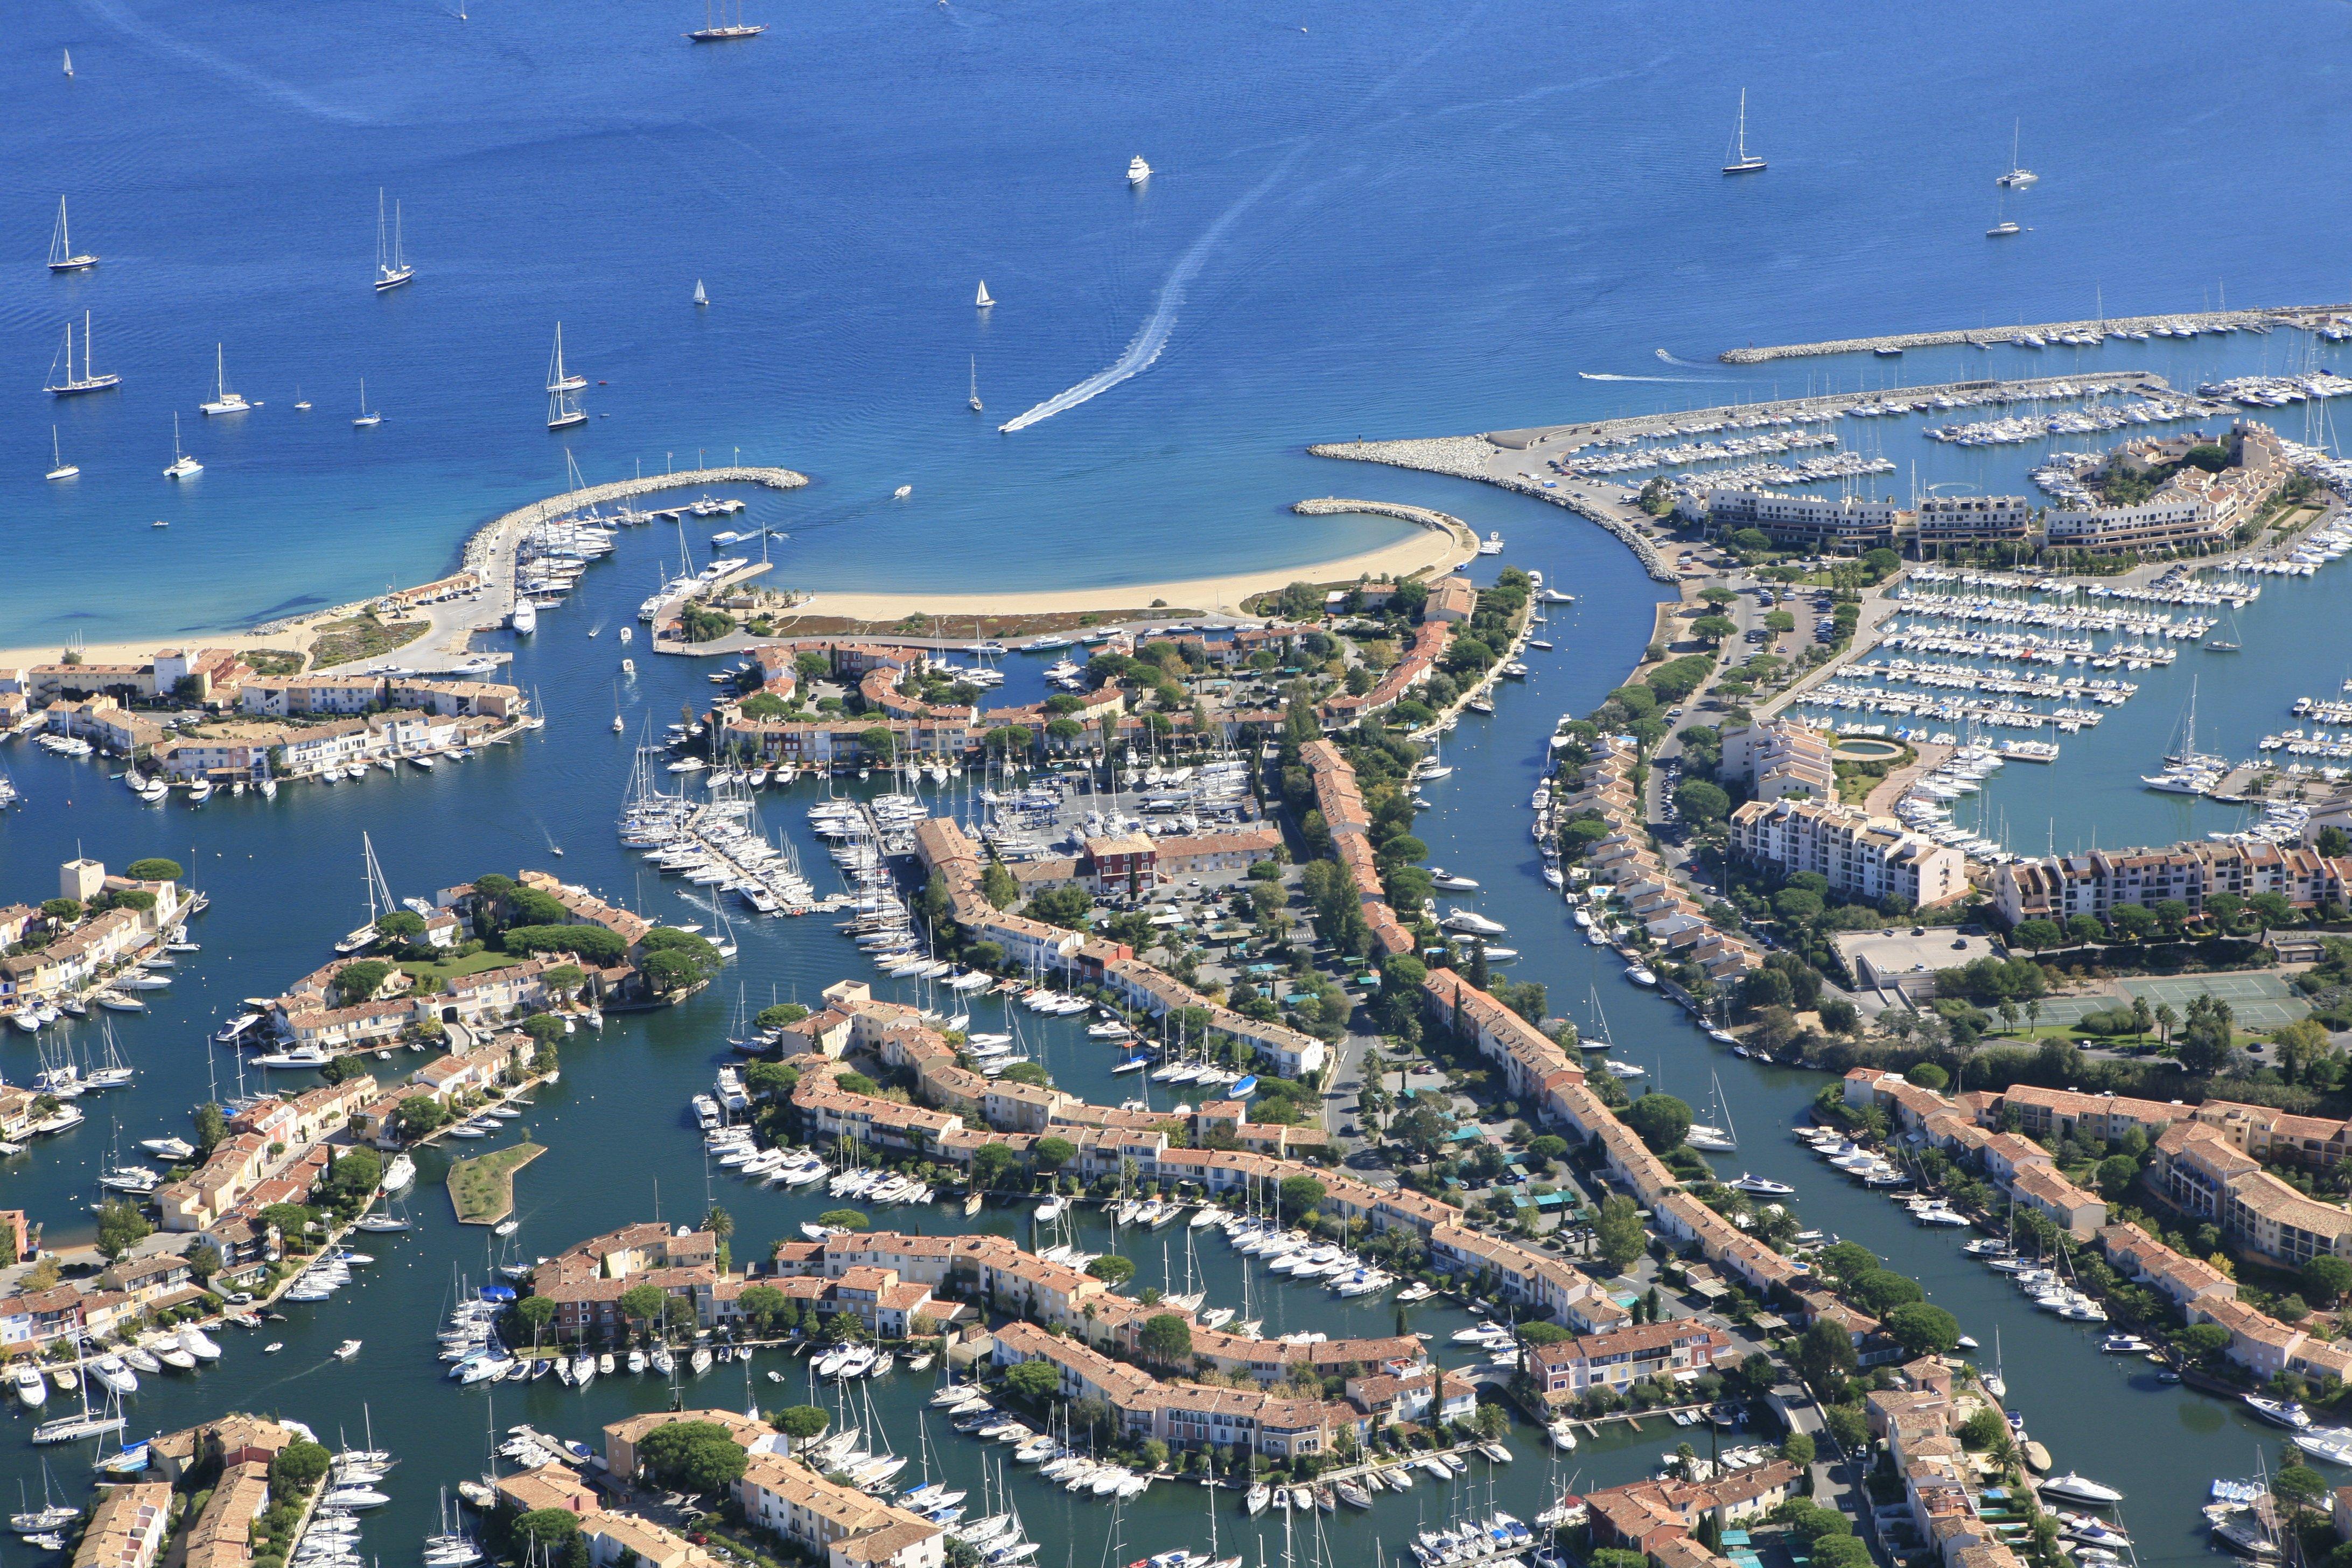 Port Grimaud Un Parc Immobilier Unique Au Coeur De La Riviera - Immobilier port grimaud